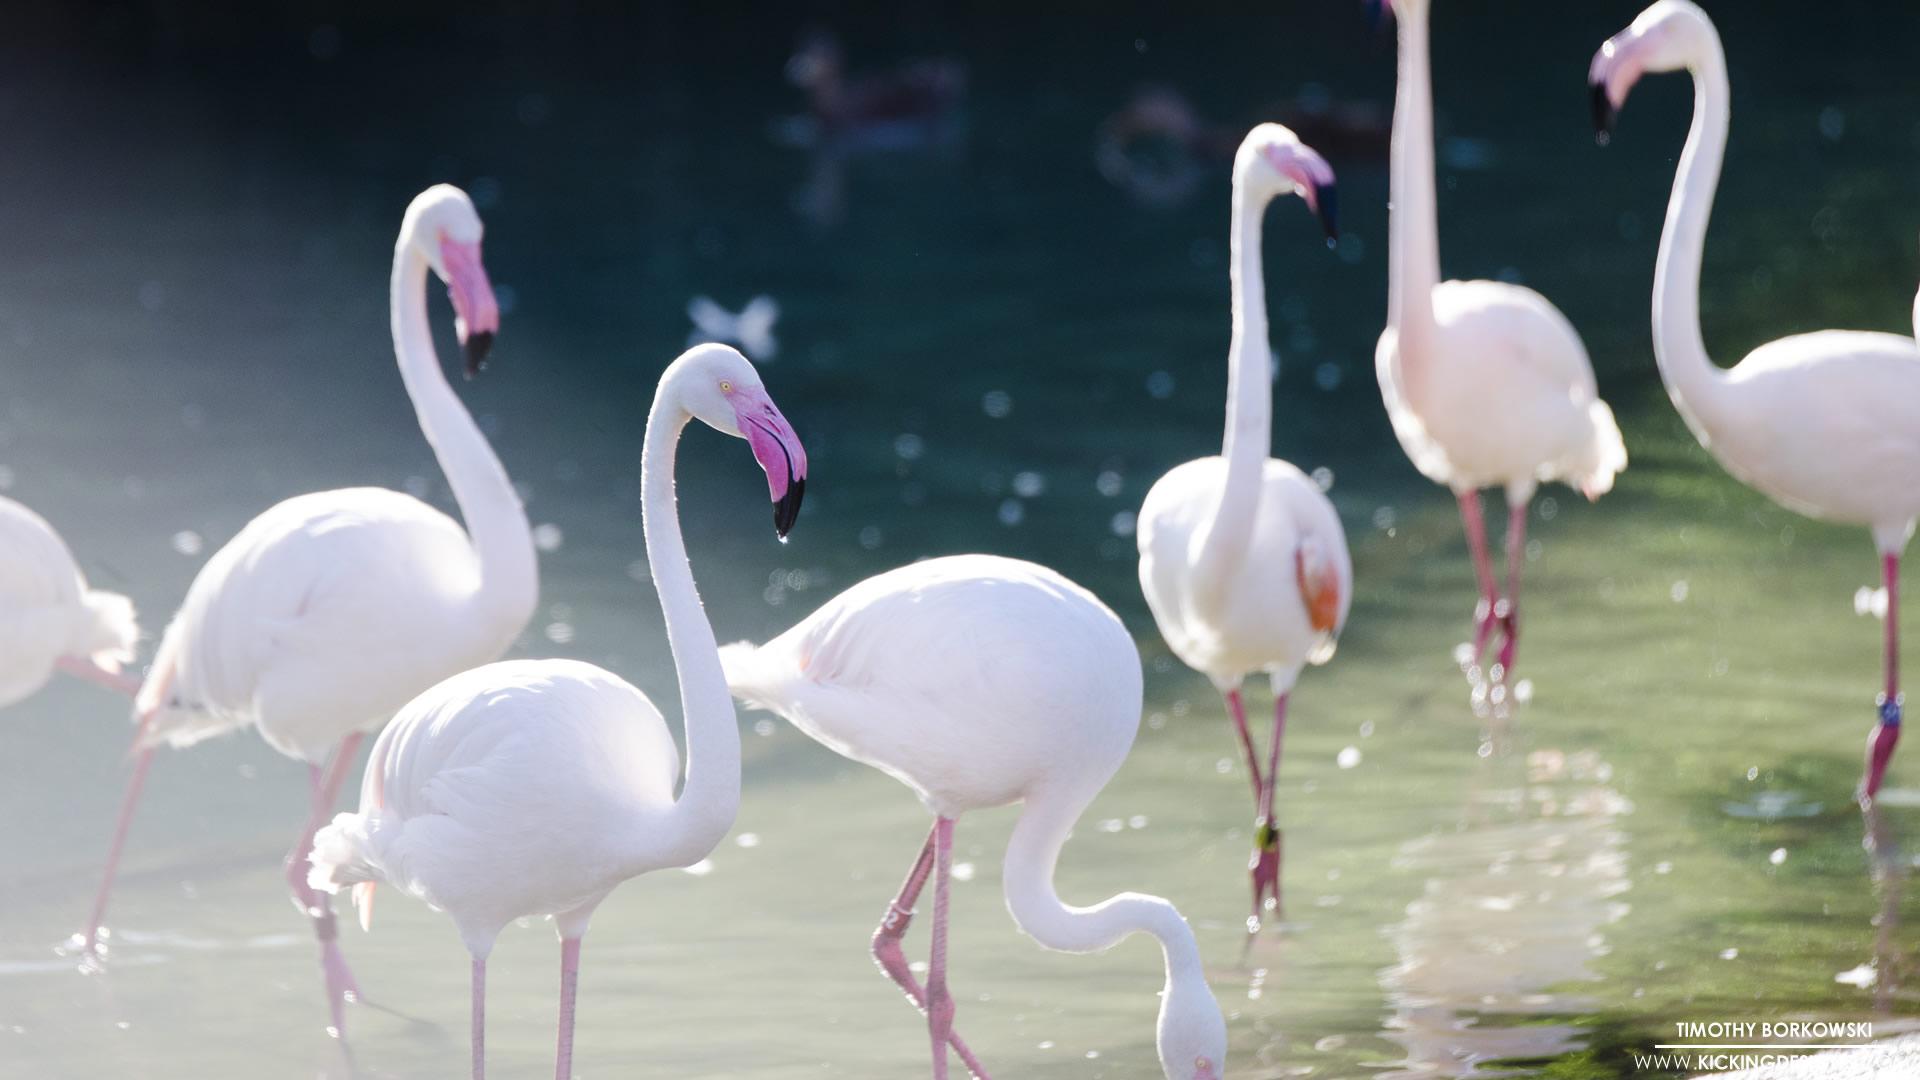 Pink Flamingos 10 20 2017 Wallpaper Background Kicking Designs